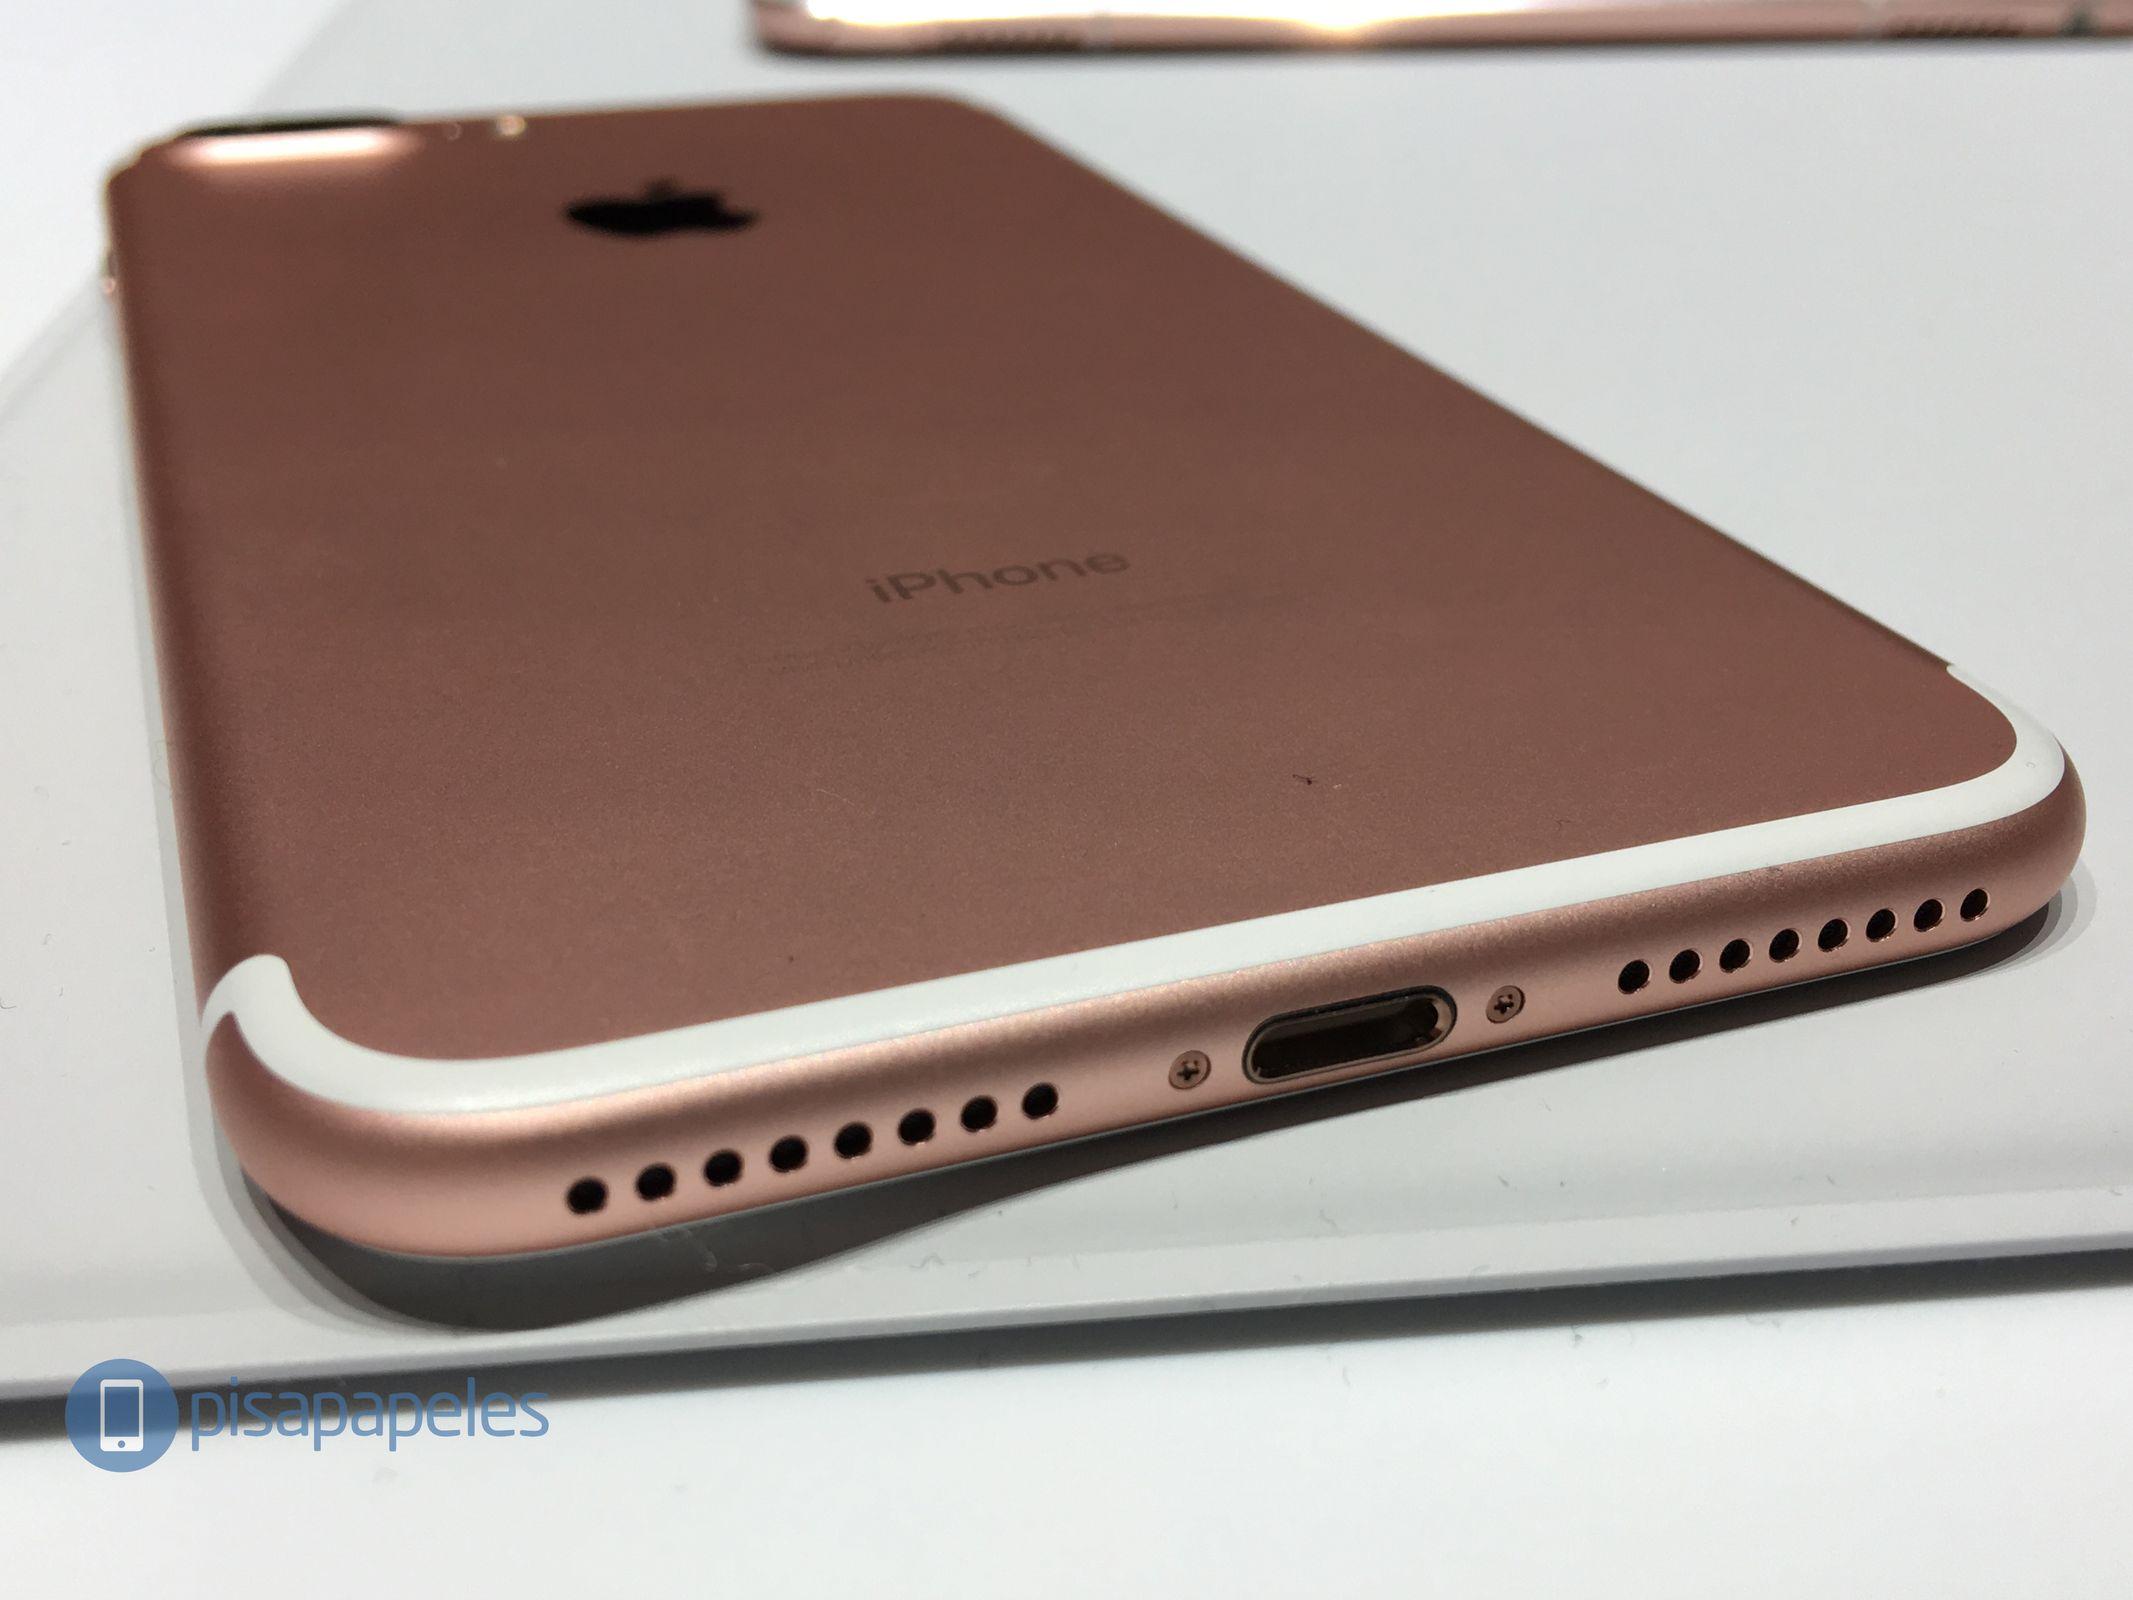 773b4d954f4 Estos son los precios del iPhone 7 y 7 Plus en Chile [Actualizado]